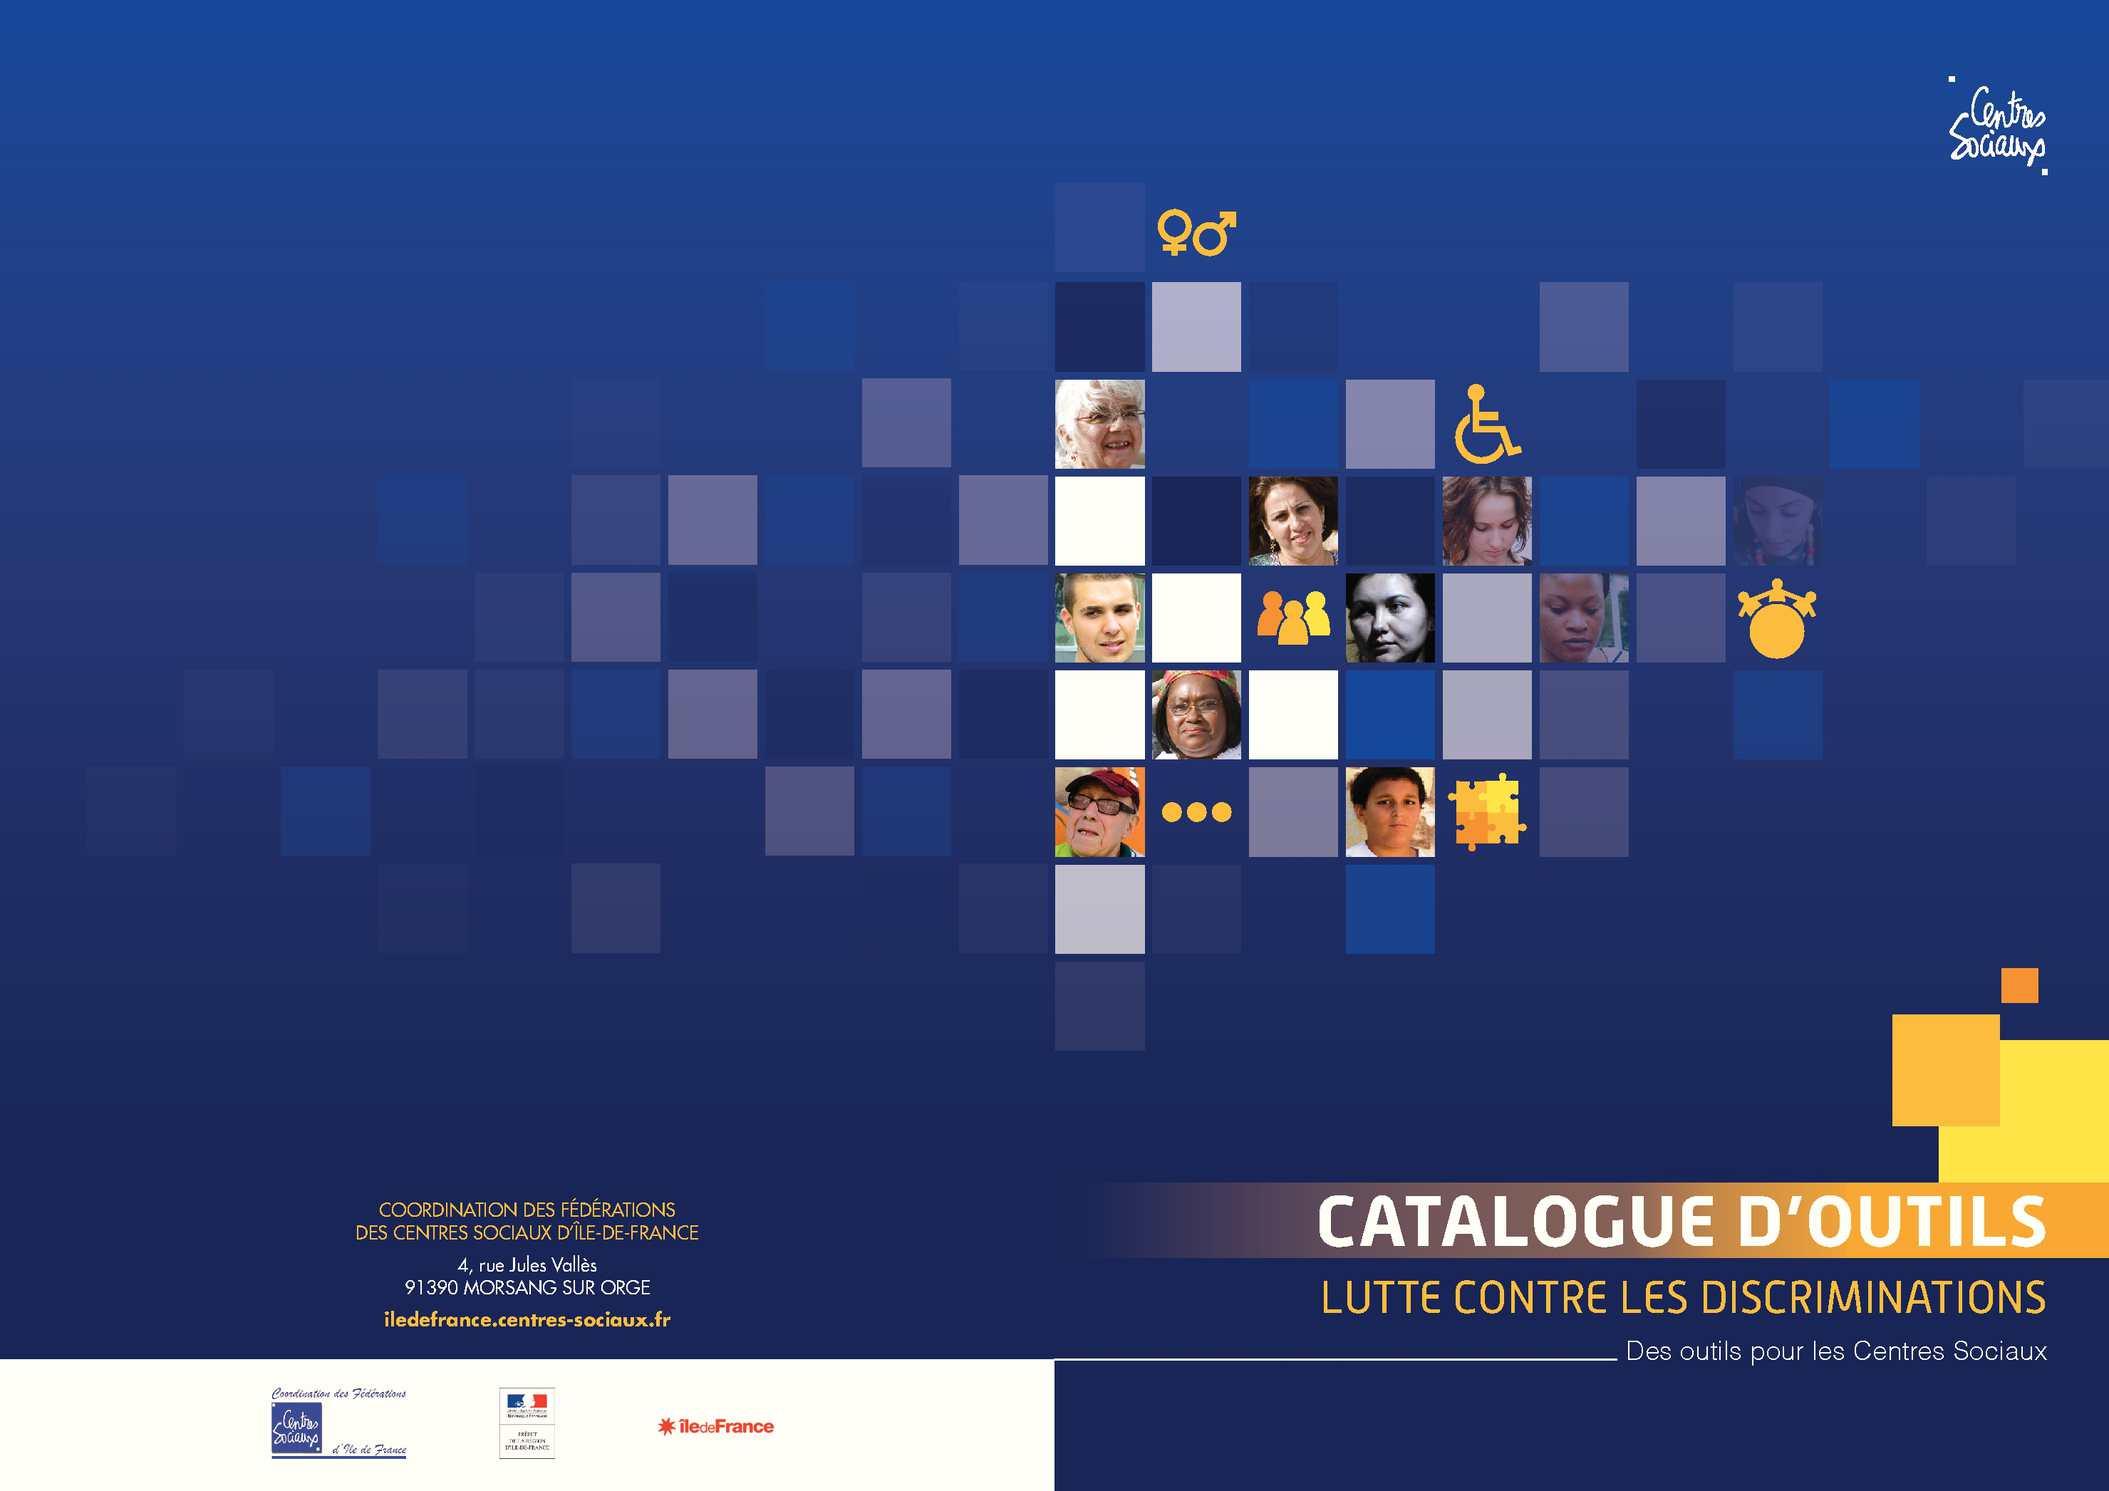 Catalogue d'outils pour la lutte contre les discriminations